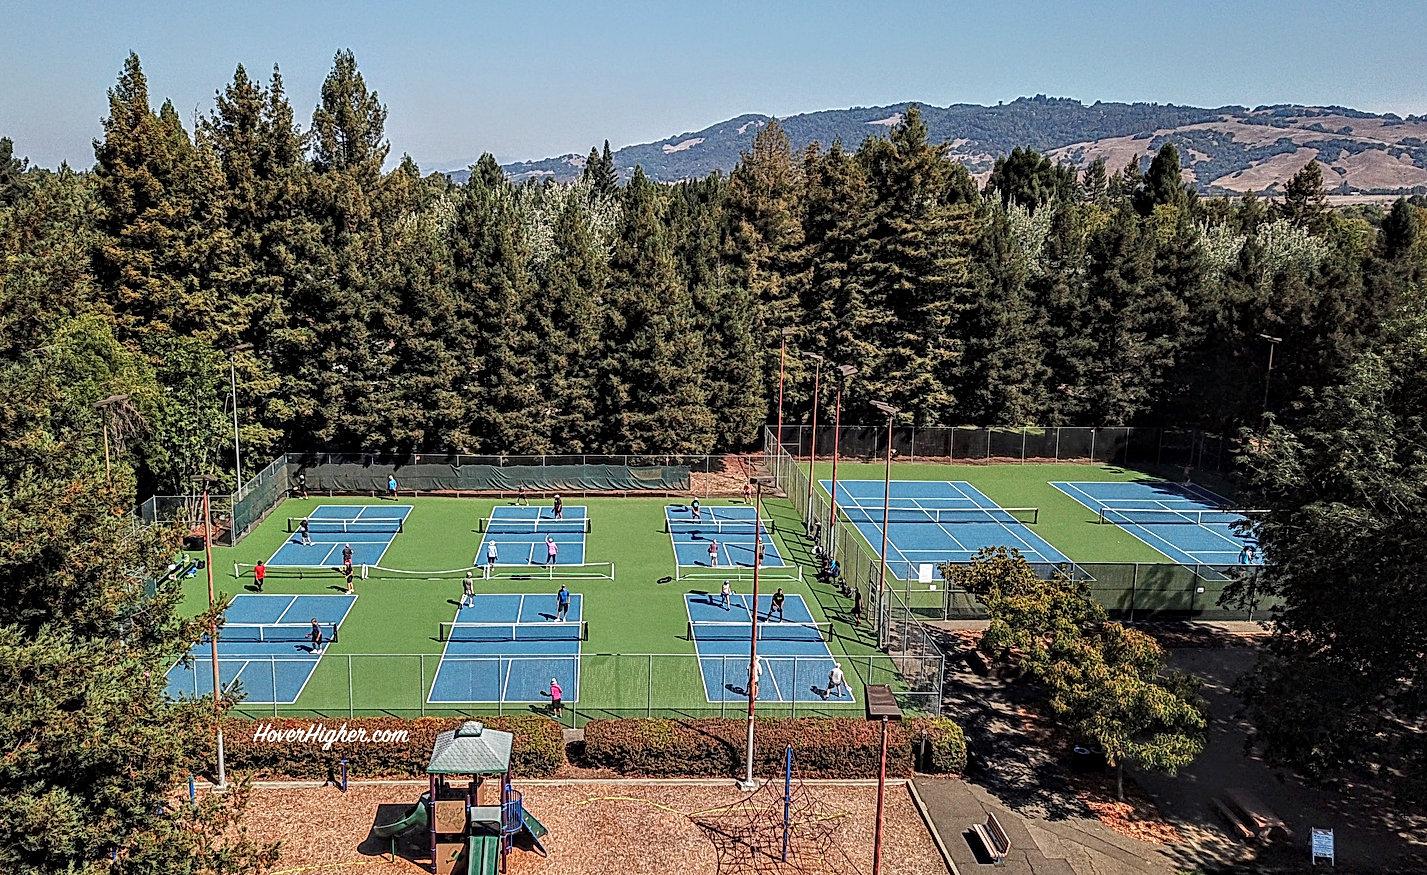 Sunrise Park, Rhonert Park CA Pickleball Courts